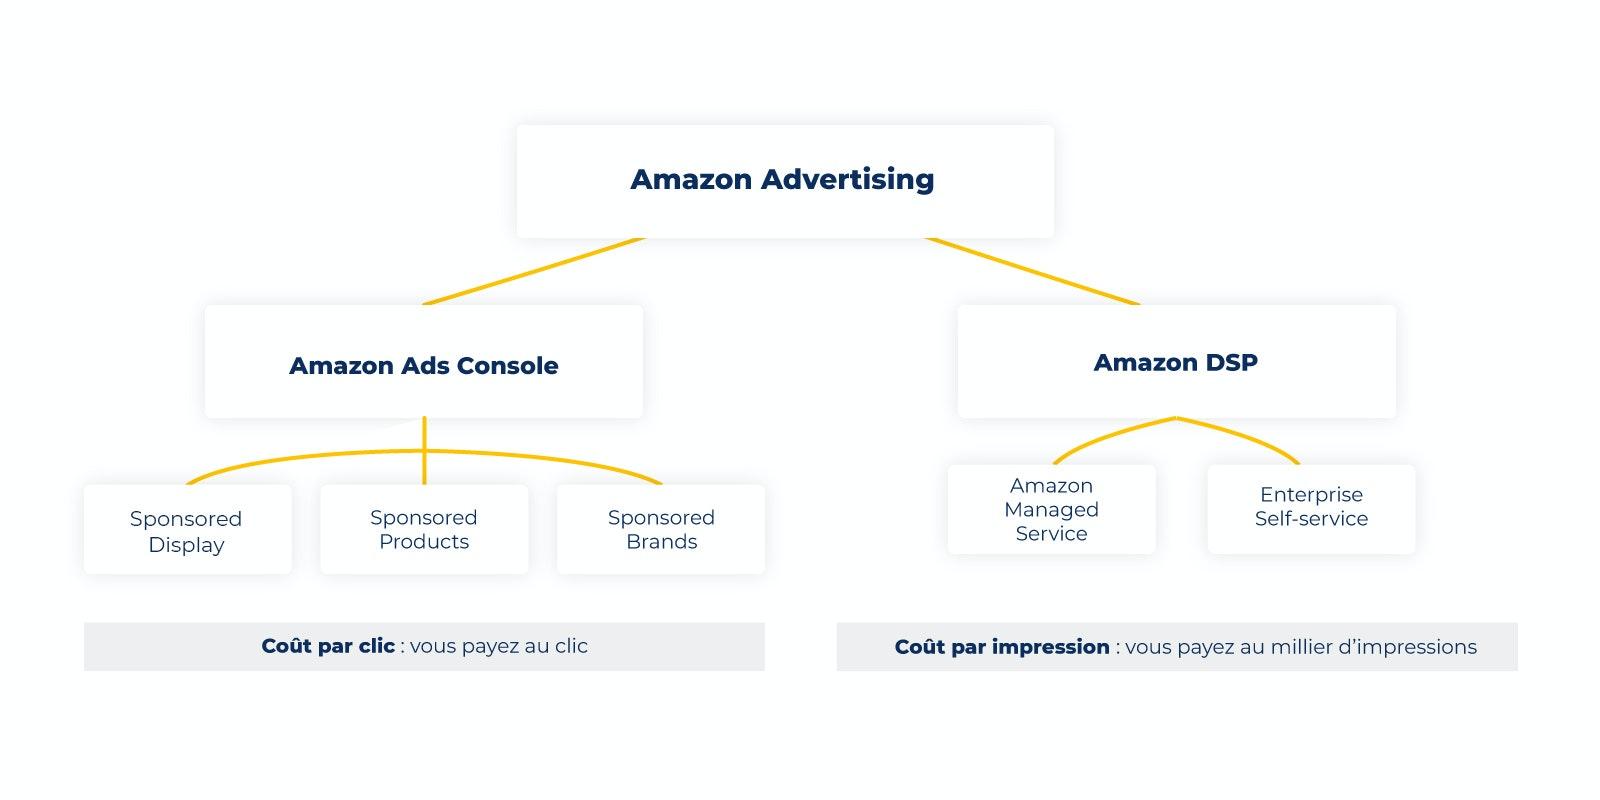 Un schéma présentant Amazon Ads et DSP